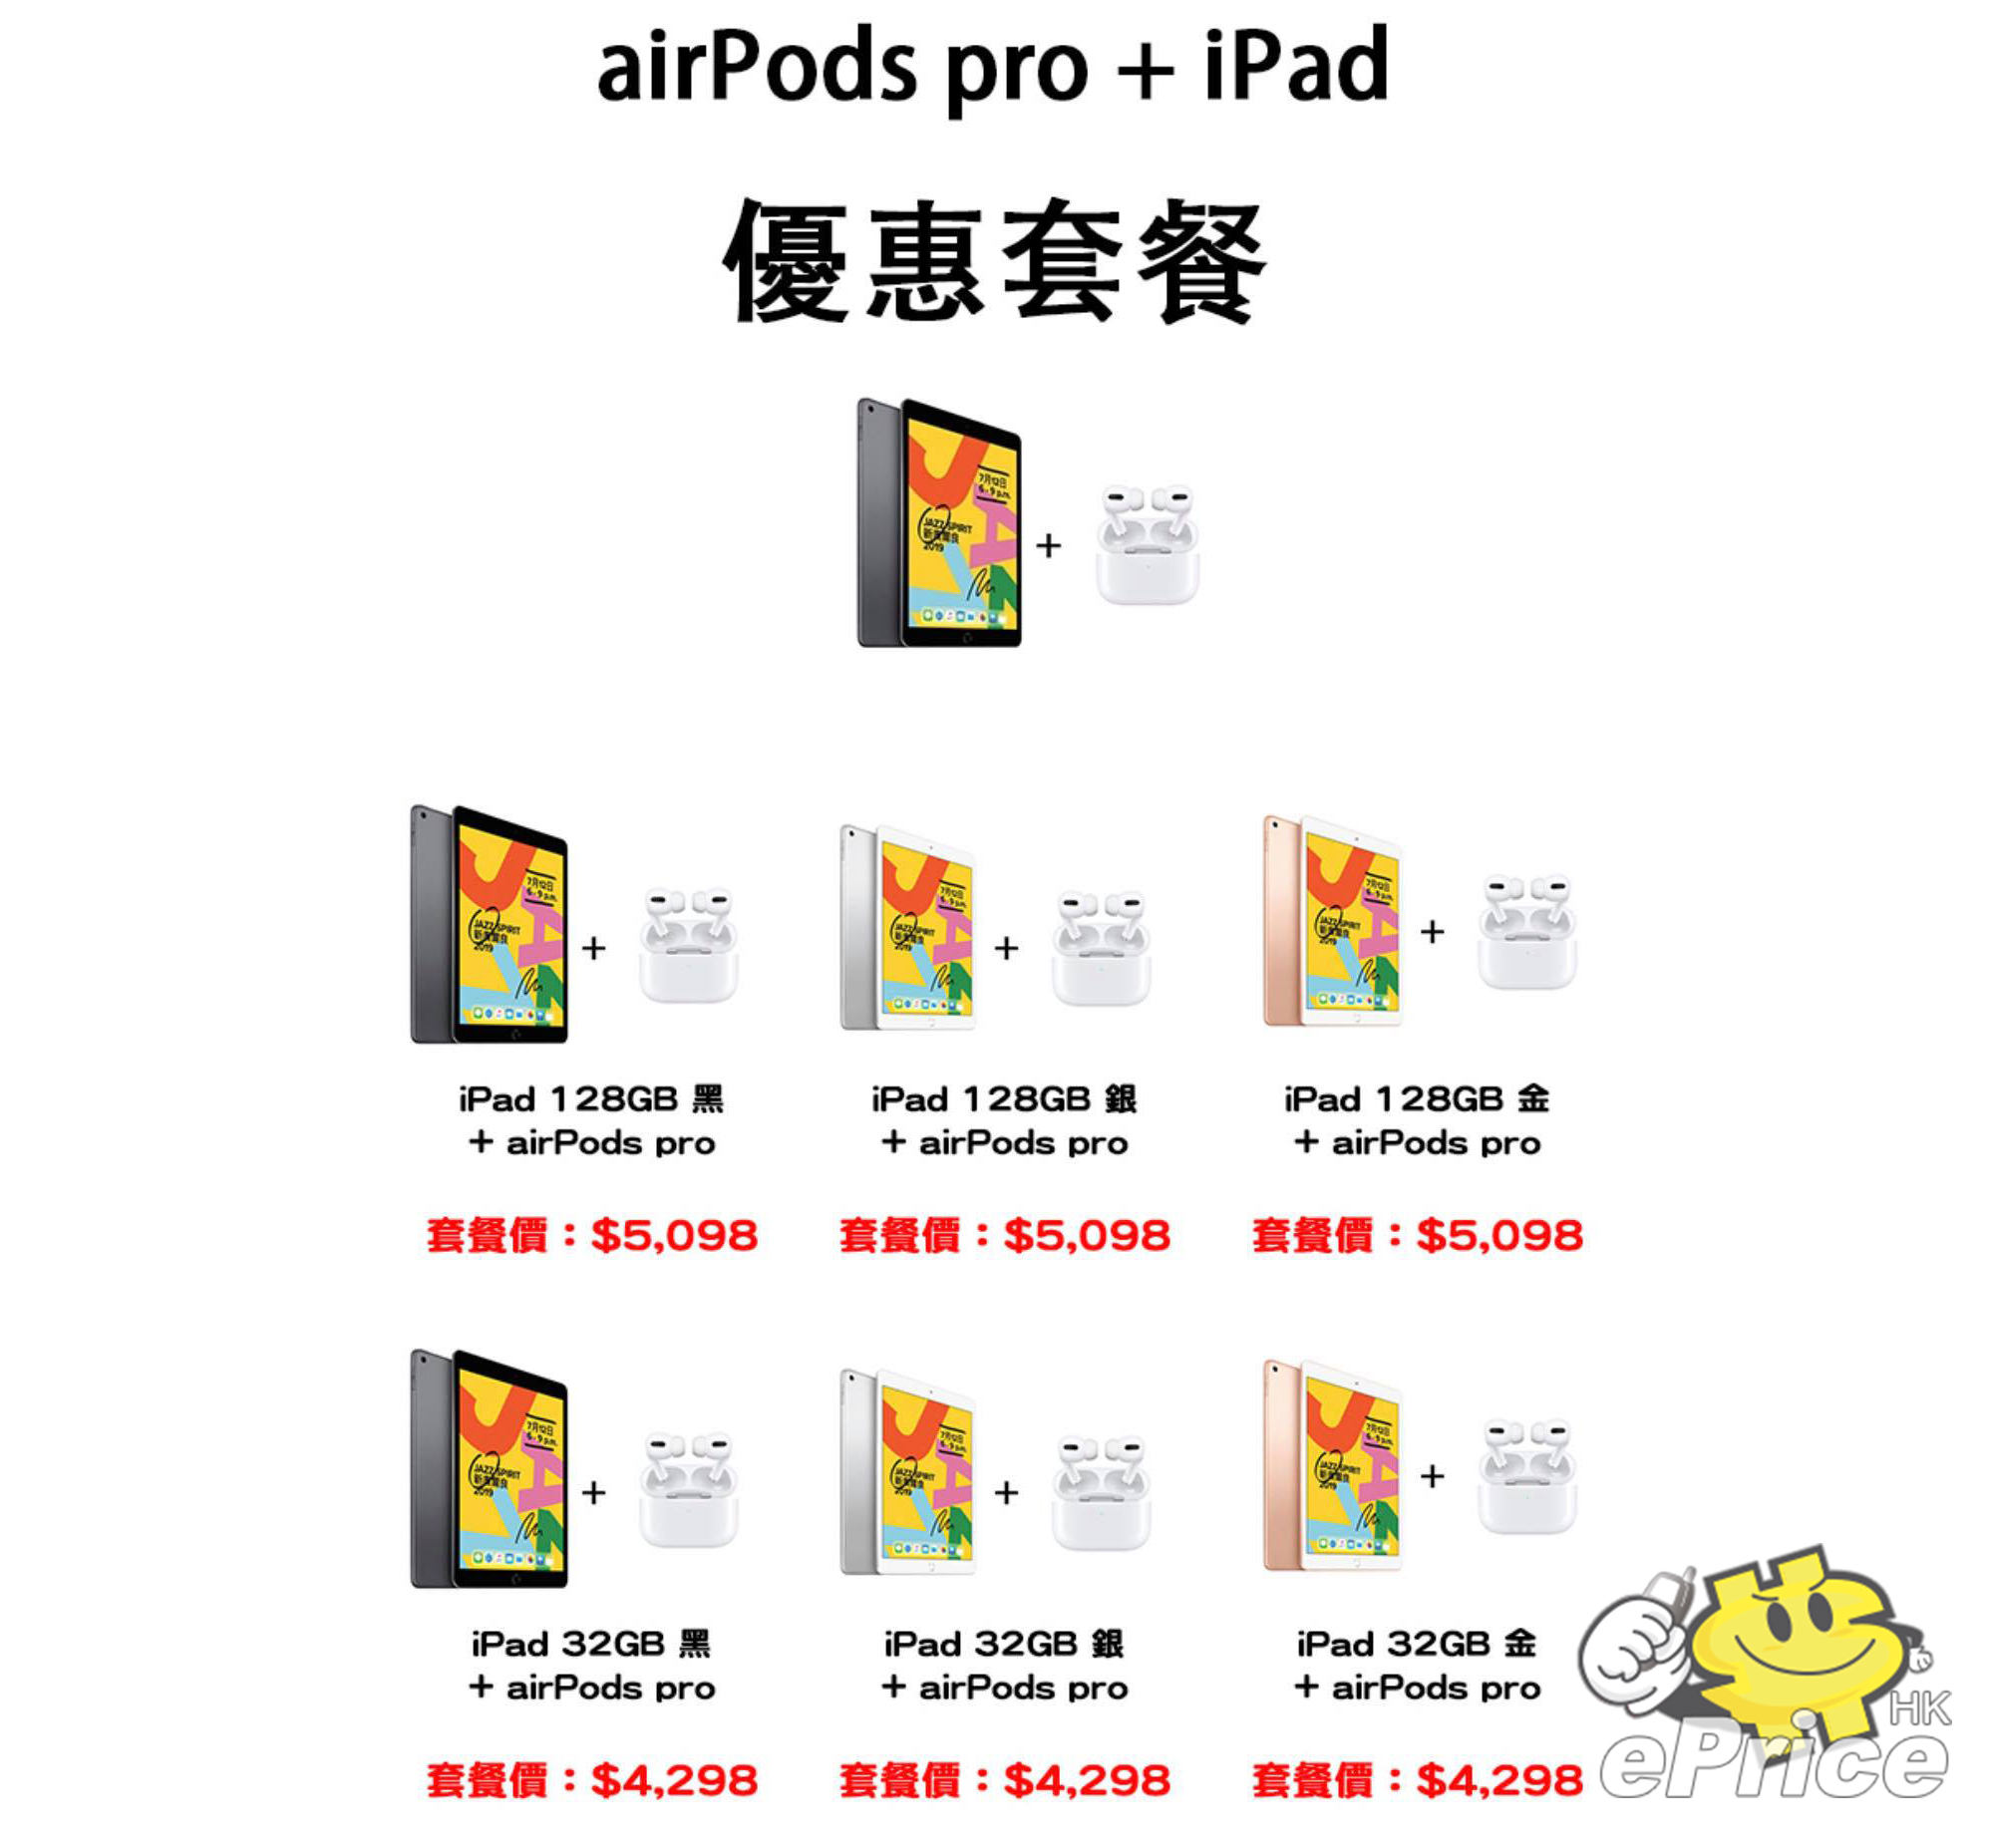 網店新搞作玩優惠套餐!$4300 買齊 iPad + AirPods Pro 係咪抵?